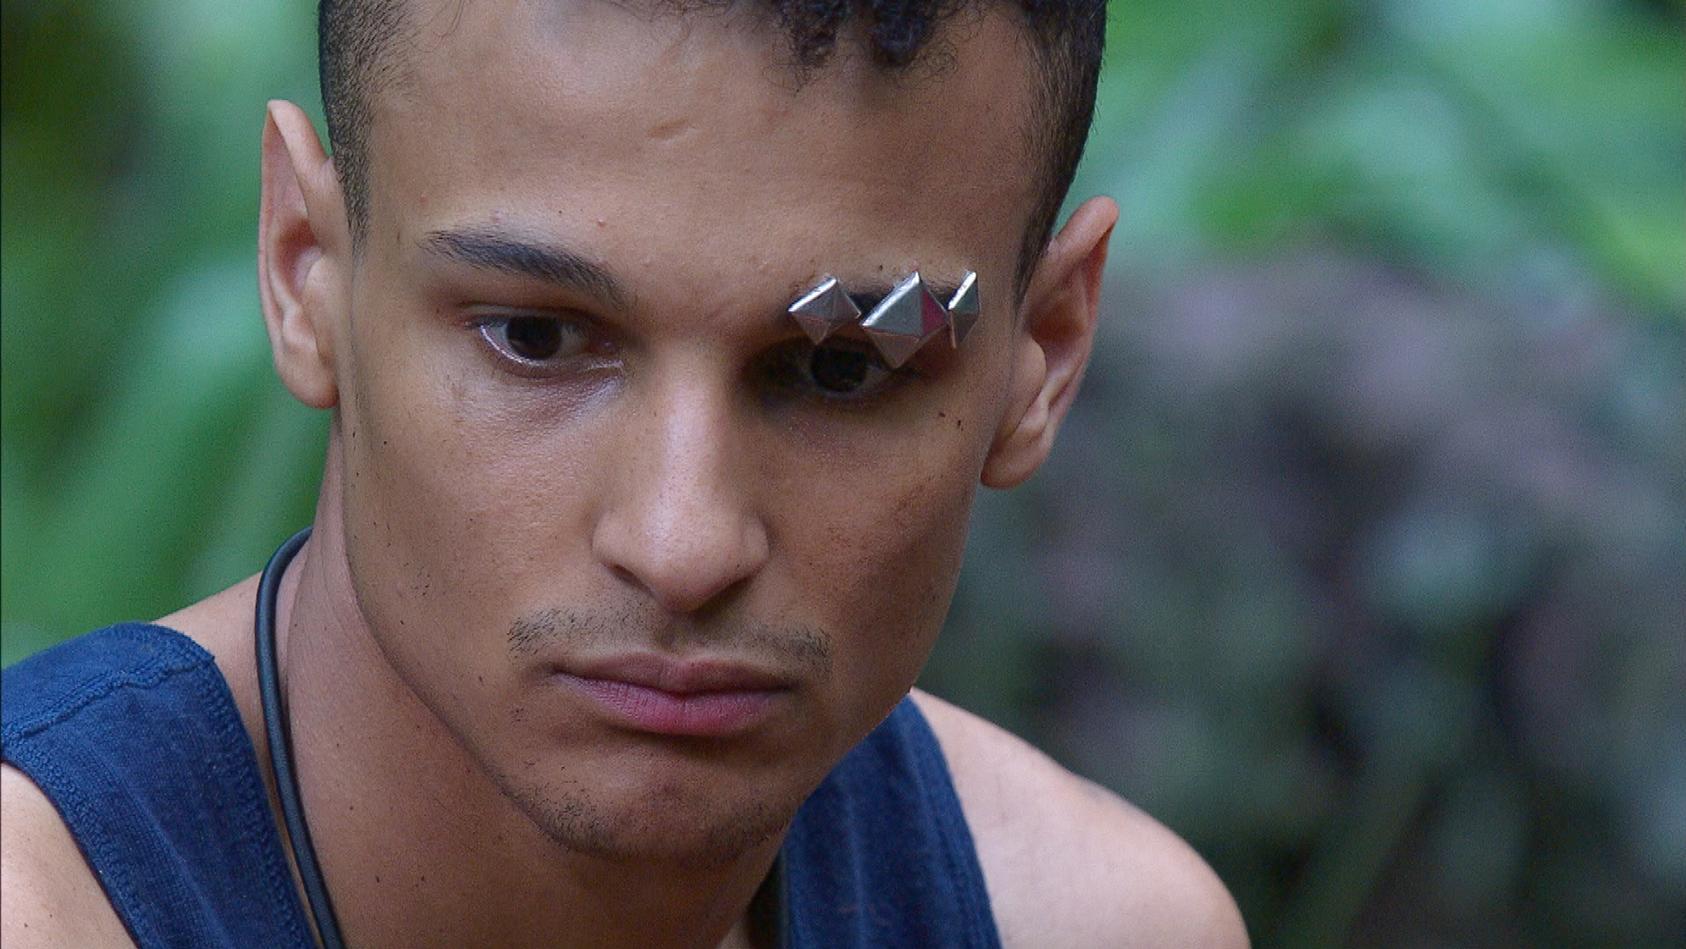 Auch im Dschungelcamp 2020 zeigt Prince Damien seine verletzliche, nachdenkliche Seite.